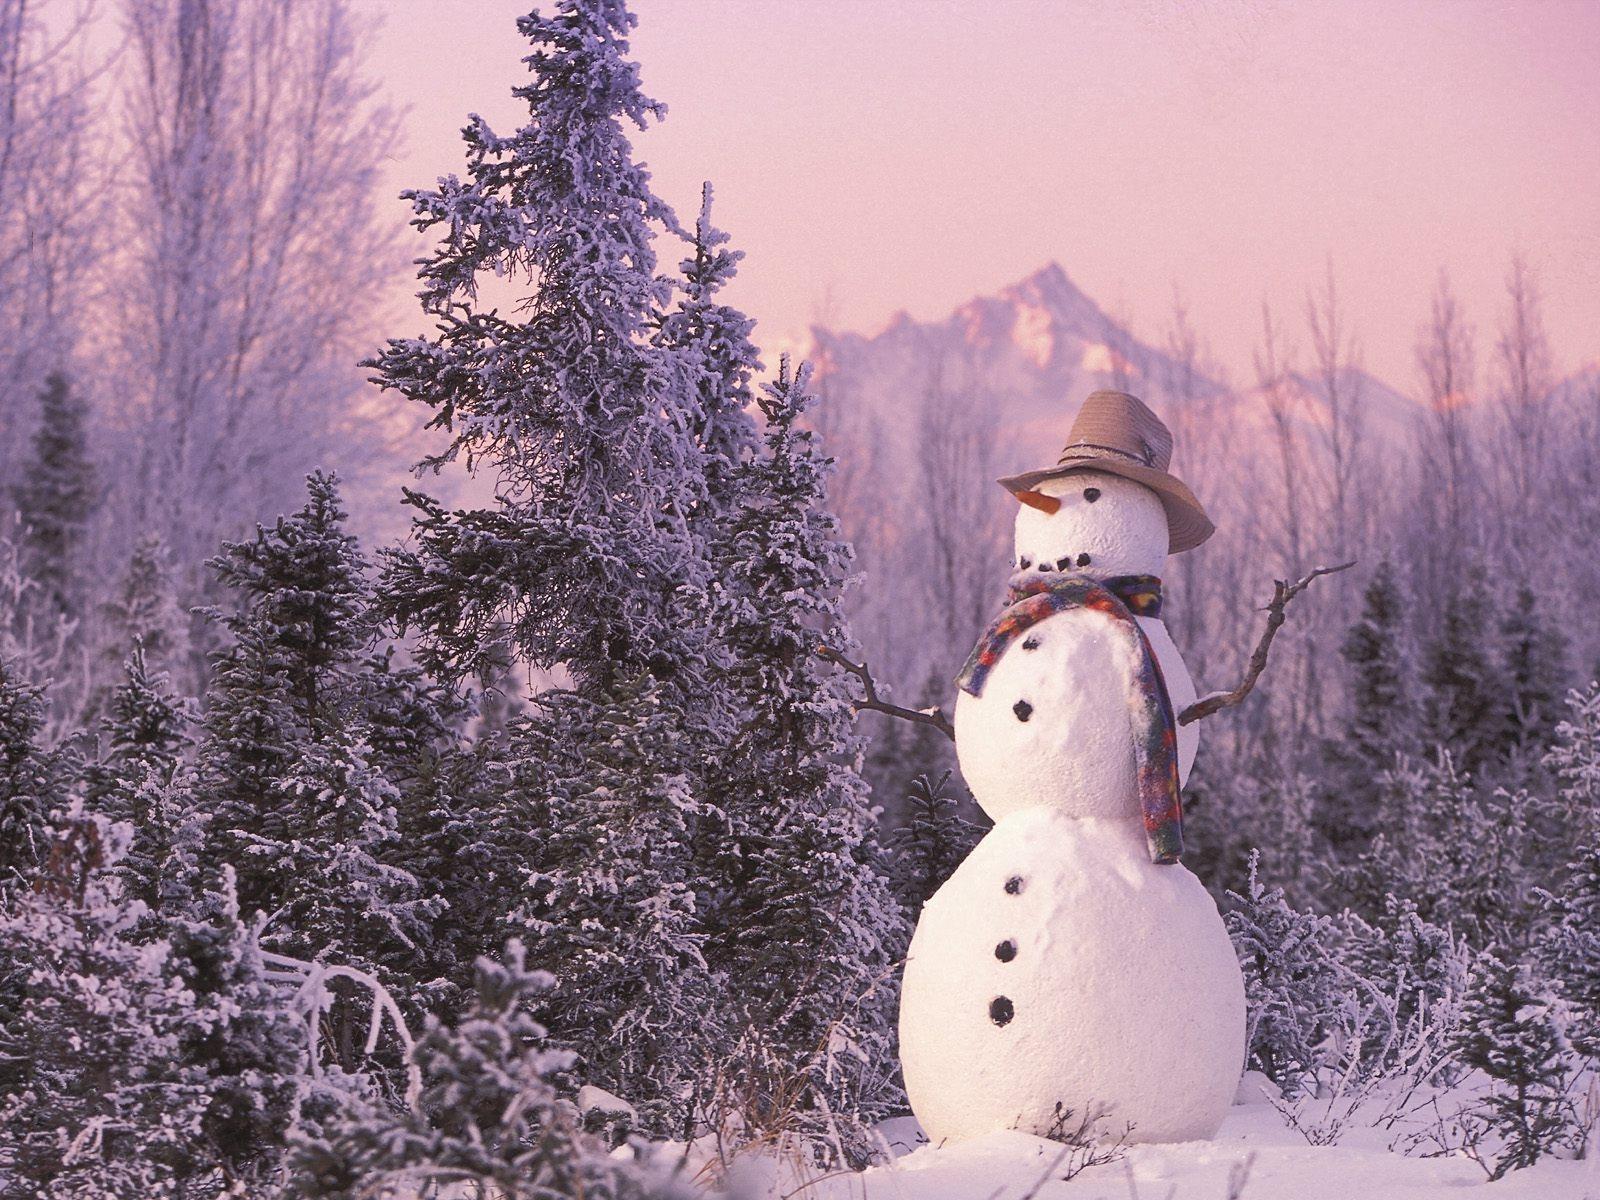 Снеговик в лесу - C Новым годом  2018 поздравительные картинки